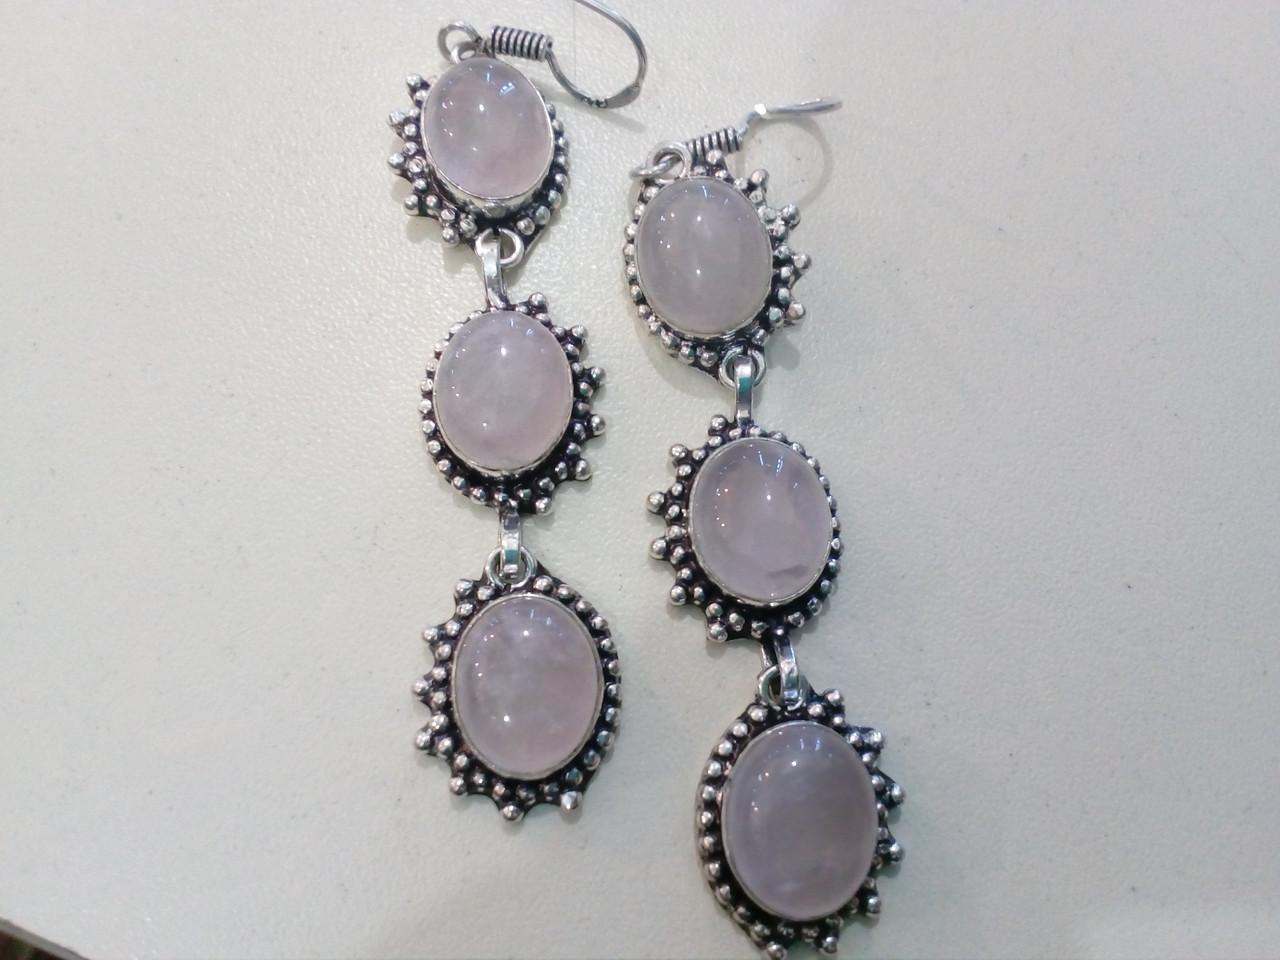 Красивые серьги с розовым кварцем. Серьги с натуральным камнем розовый кварц в серебре. Индия!